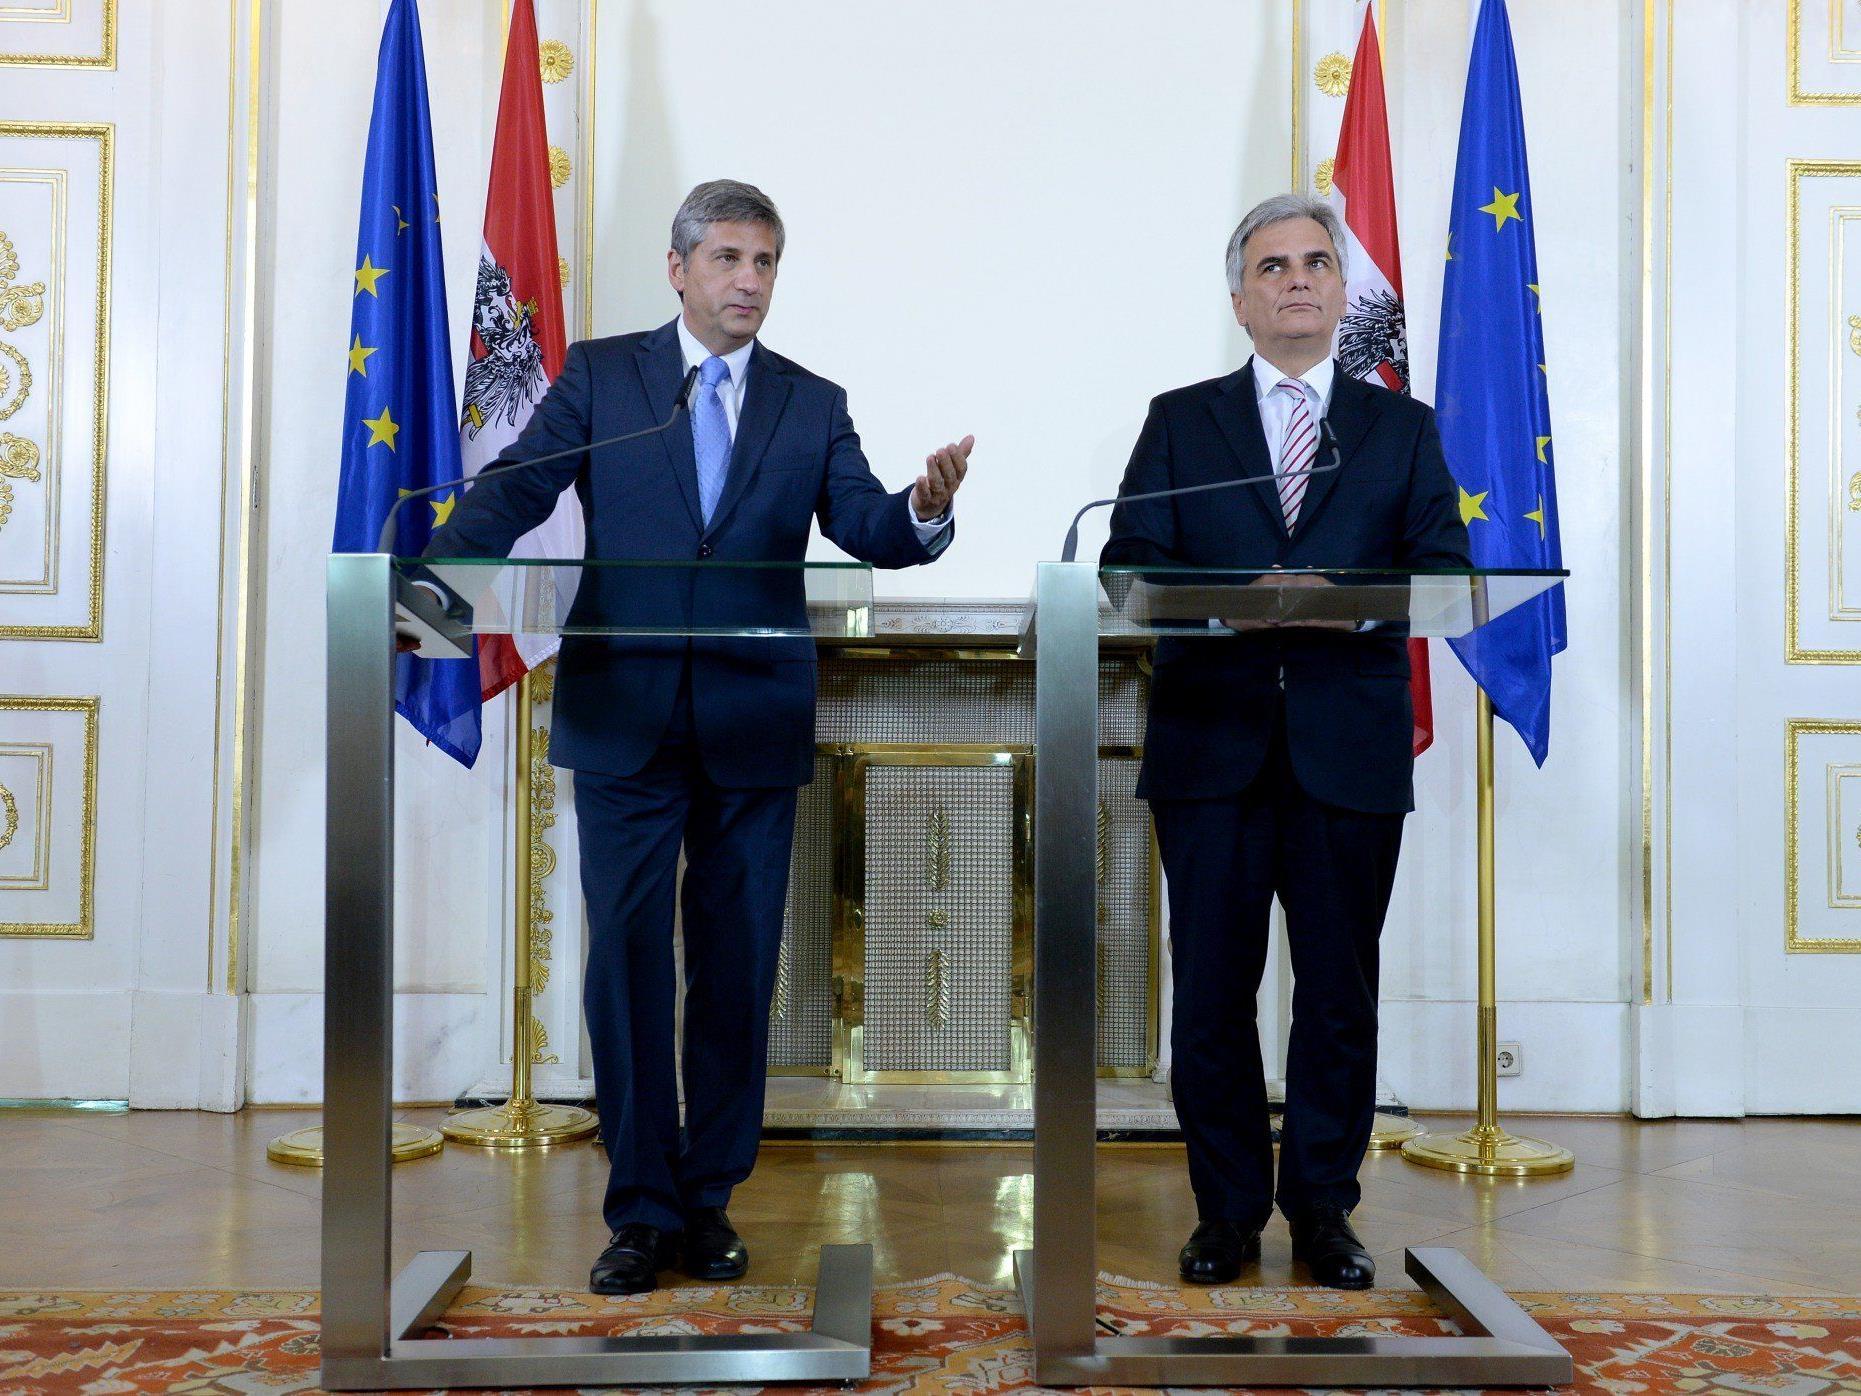 Diskussion um Steuerreform entzweit Koalition